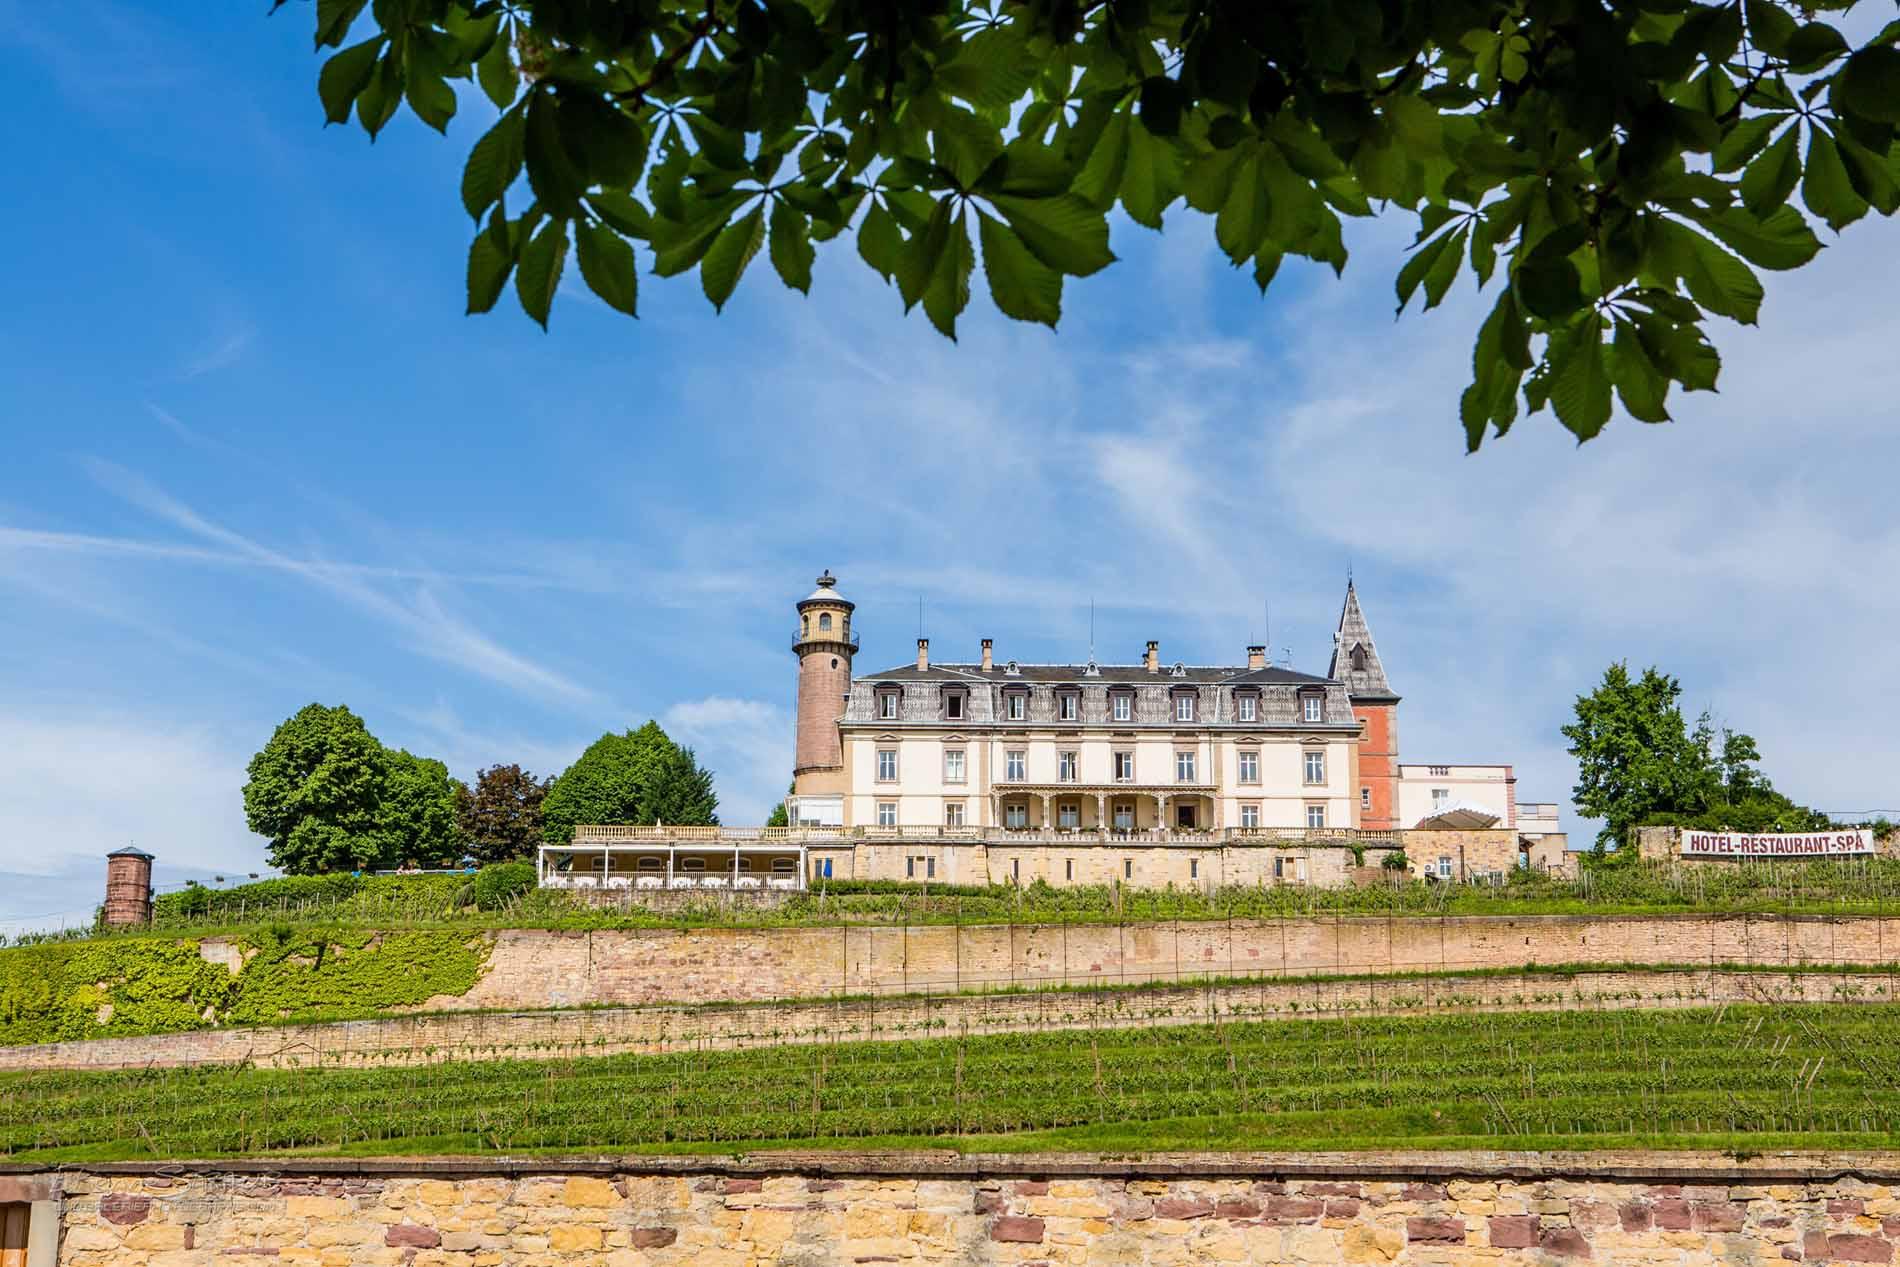 Château d'Isenbourg Château-Hôtel